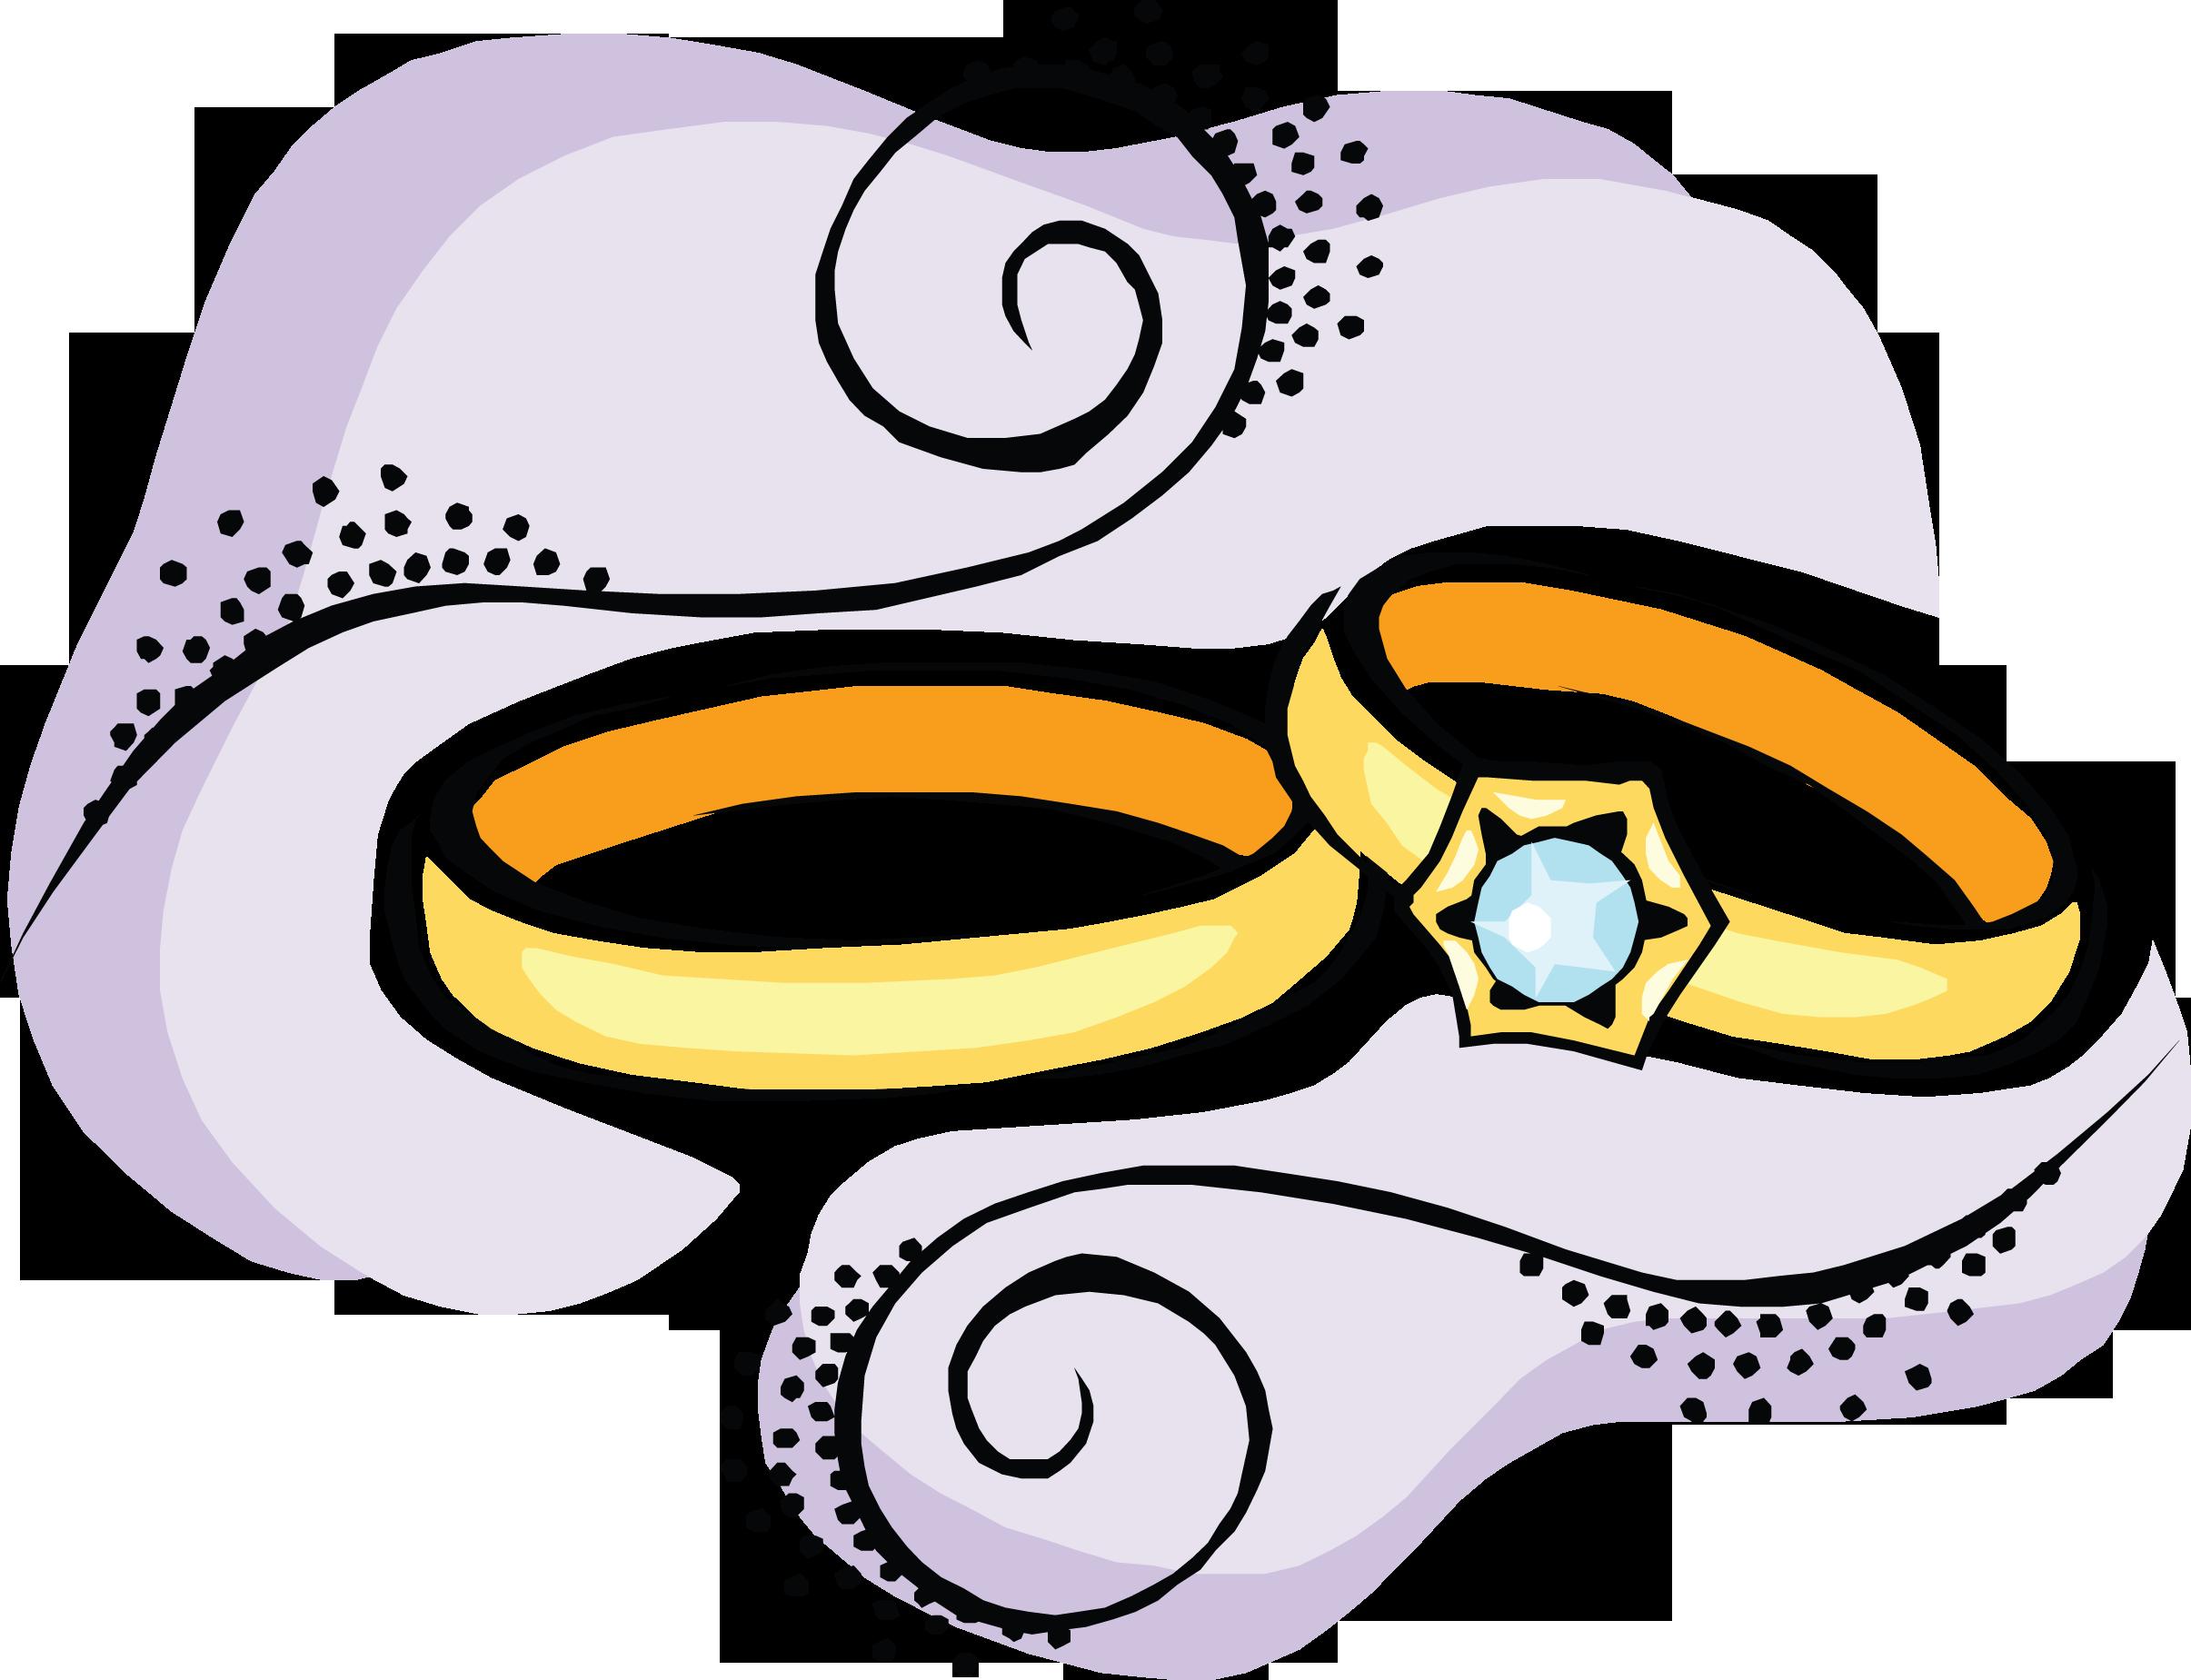 кольца рисунок без фона лидер